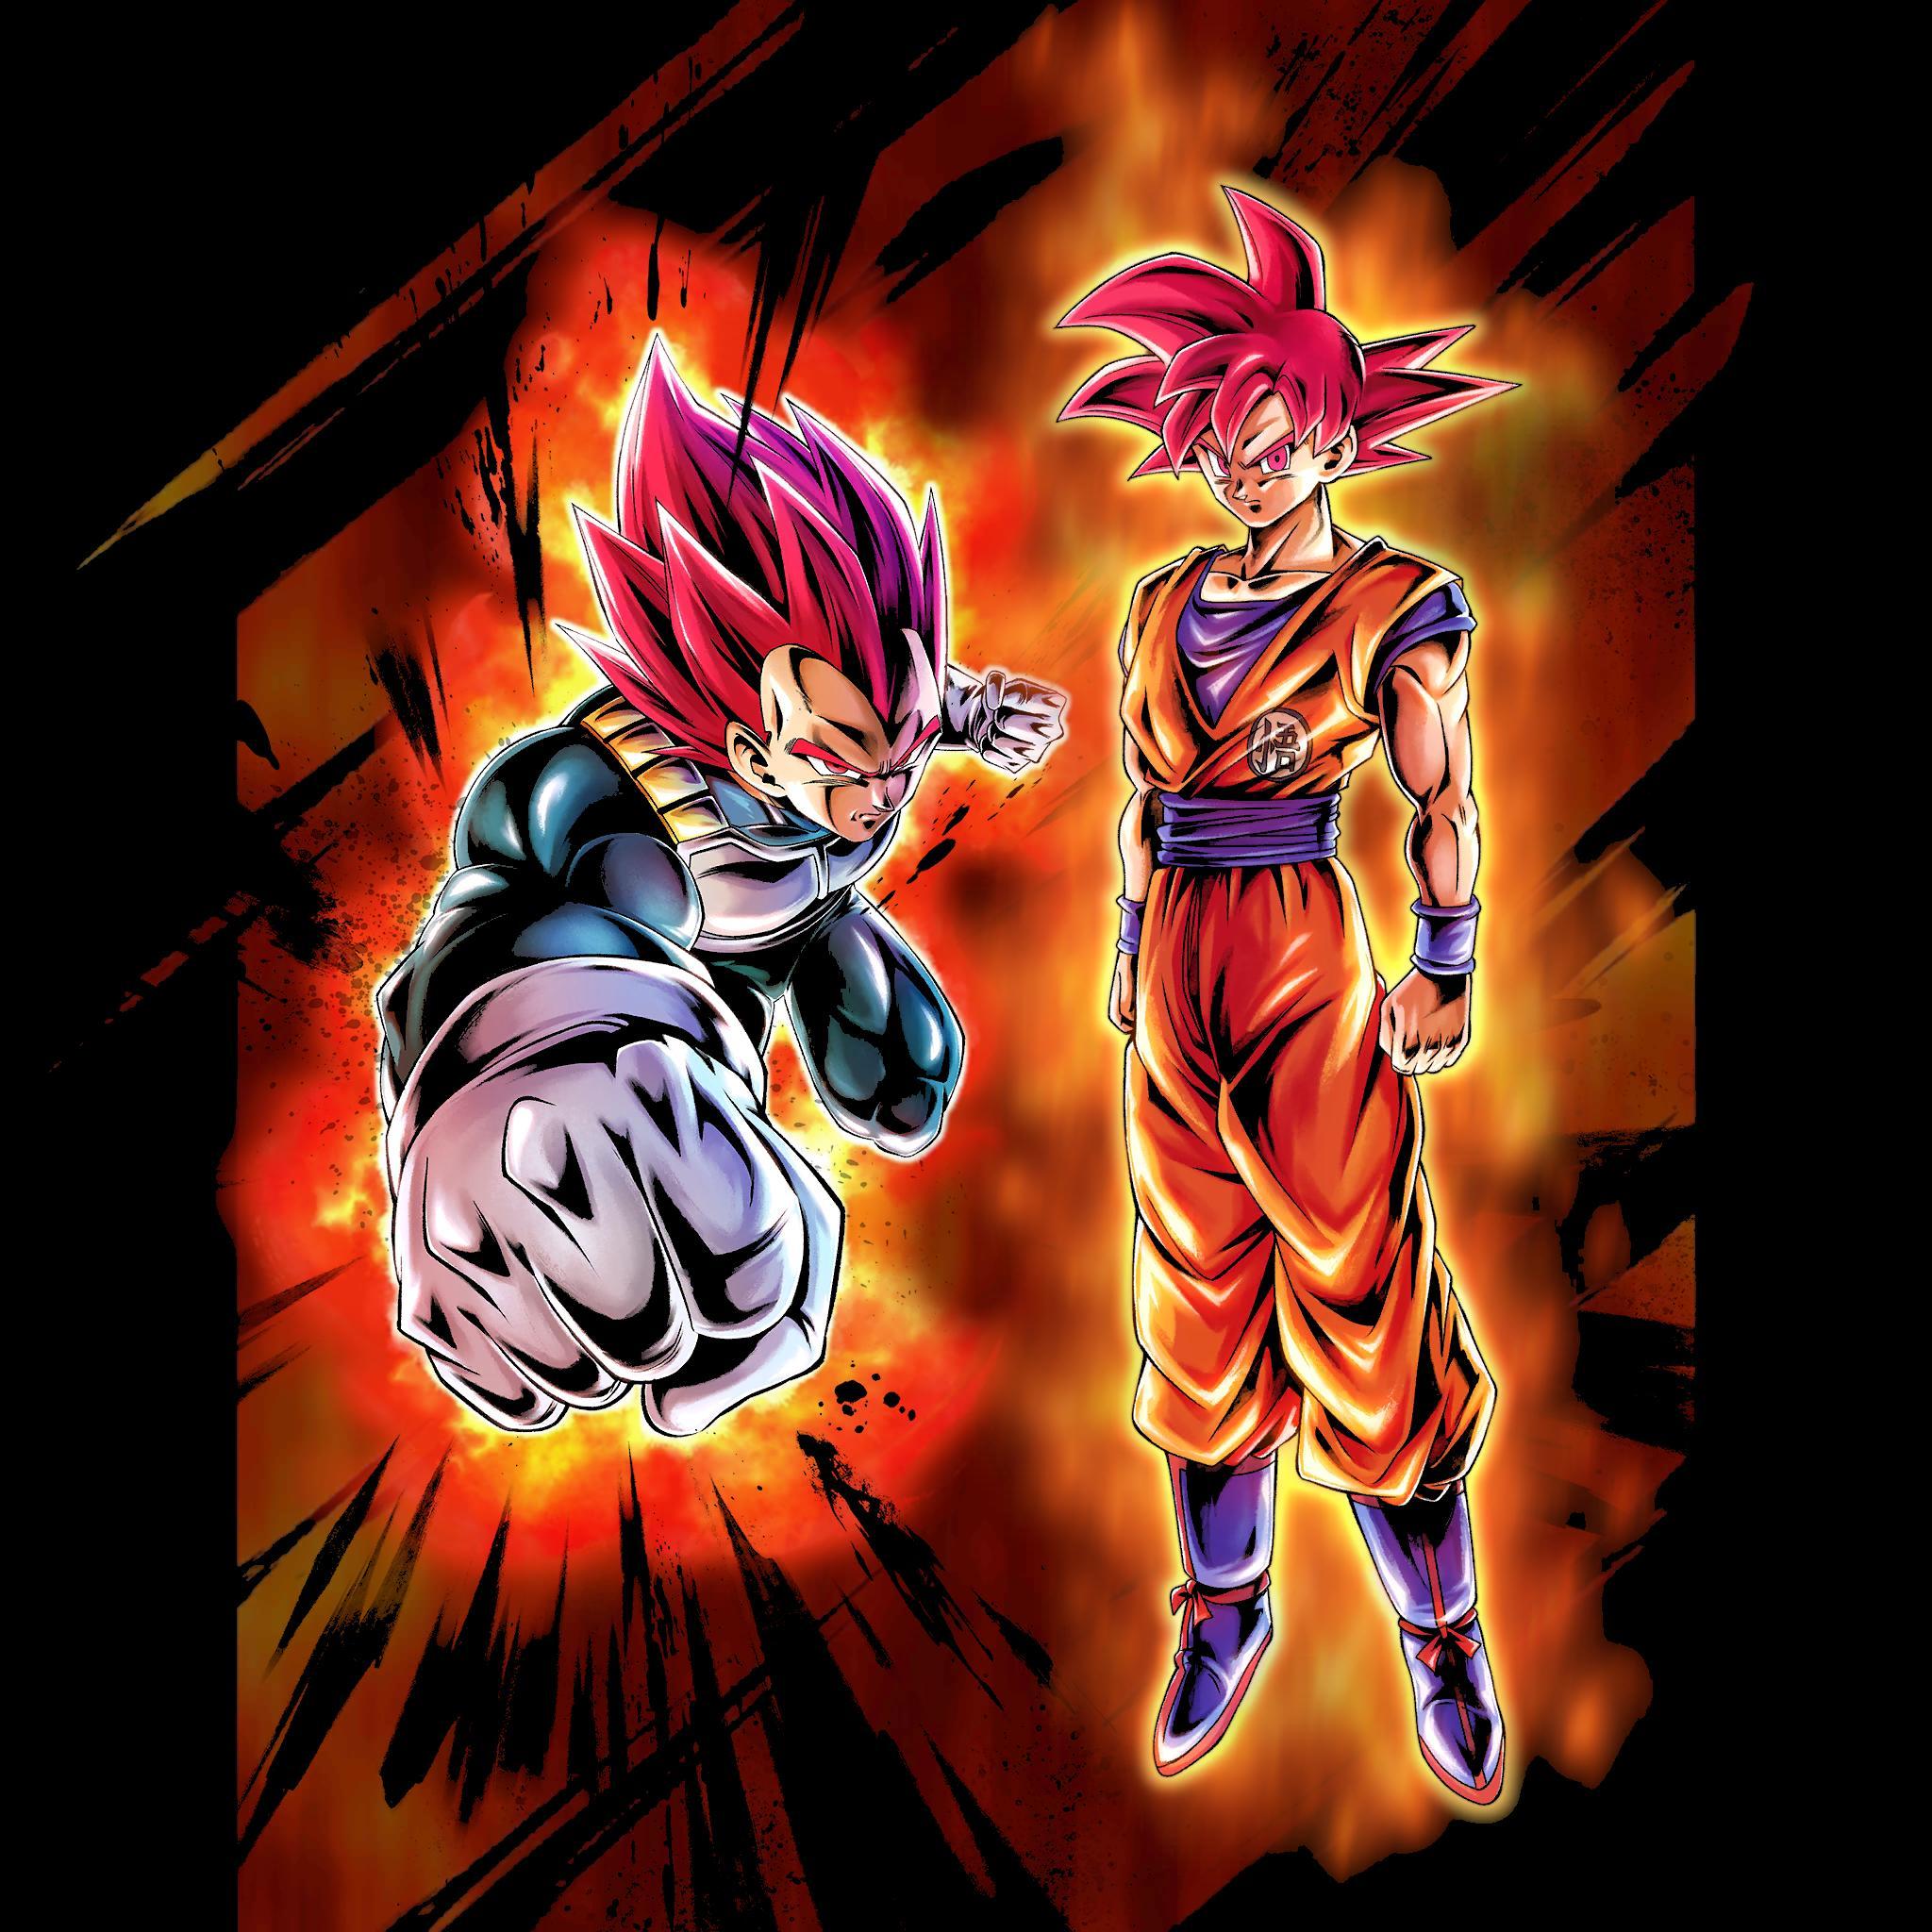 Ssg Goku And Vegeta 2048x2048 Wallpaper Teahub Io